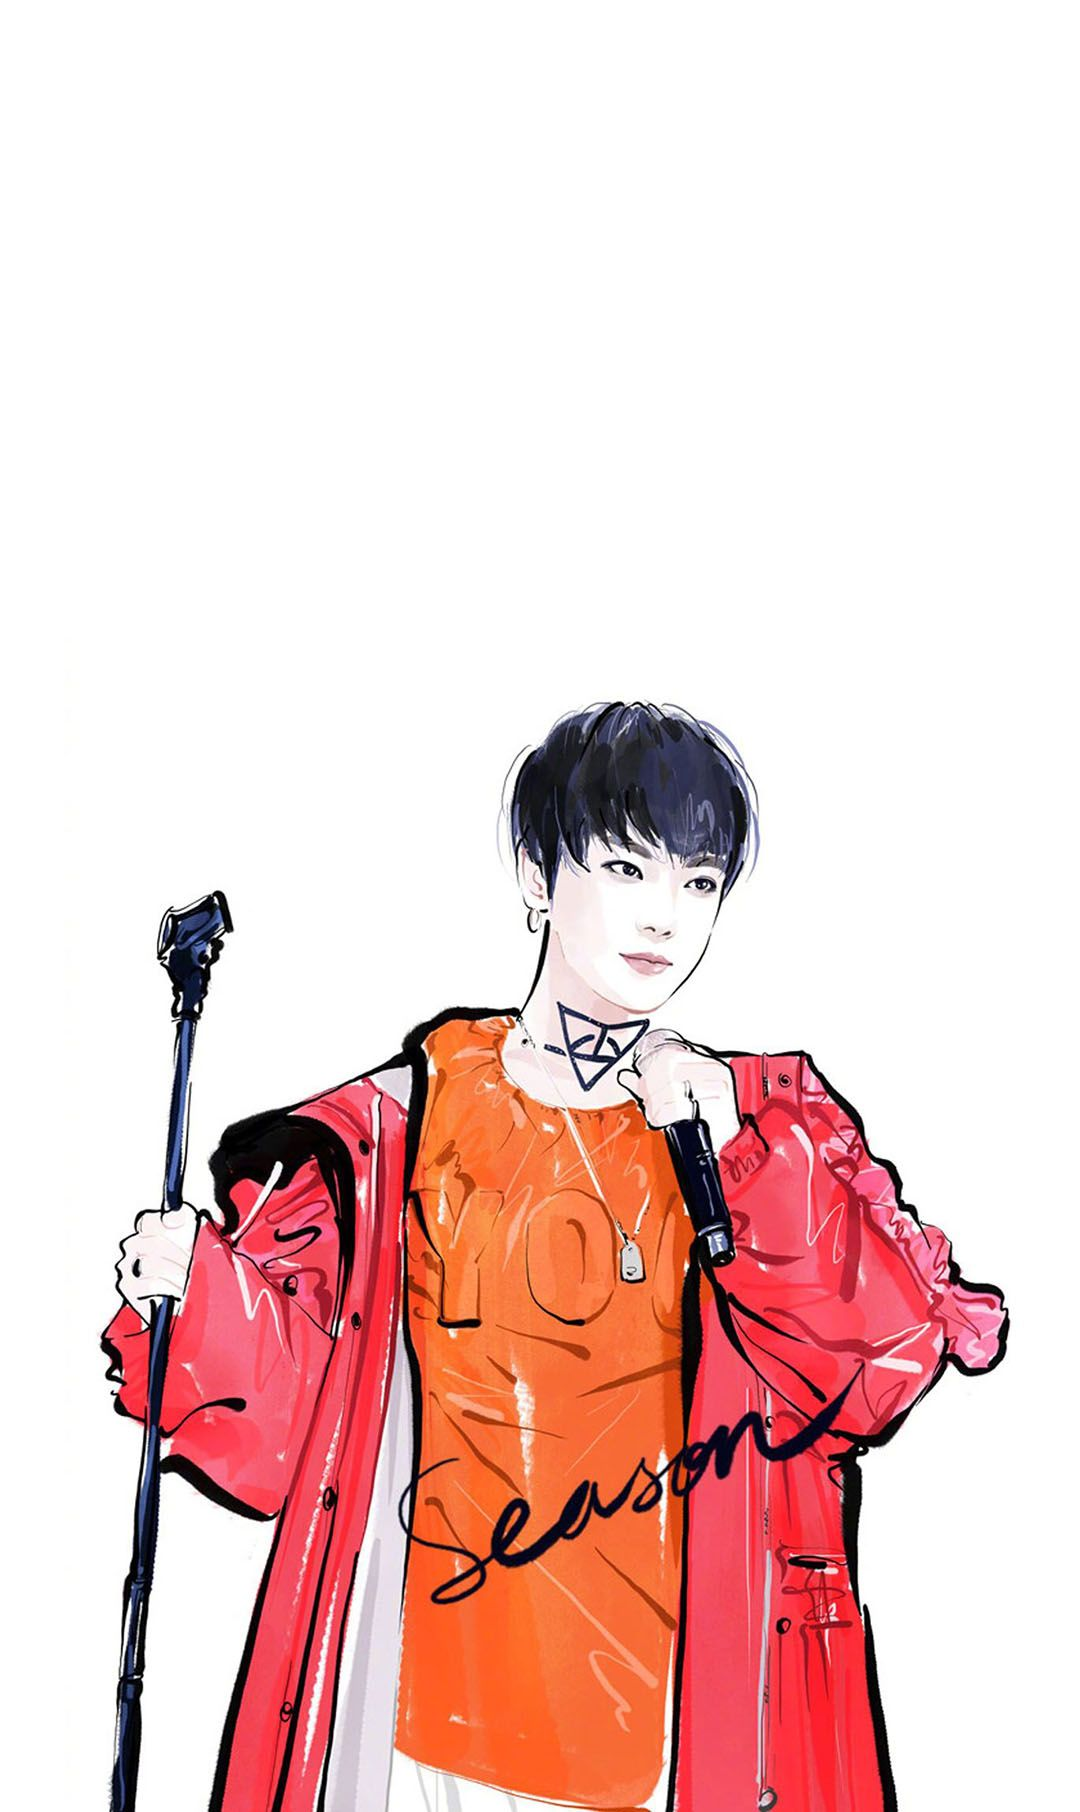 高清手机壁纸丨手绘华晨宇卡通丨扎心情感短句